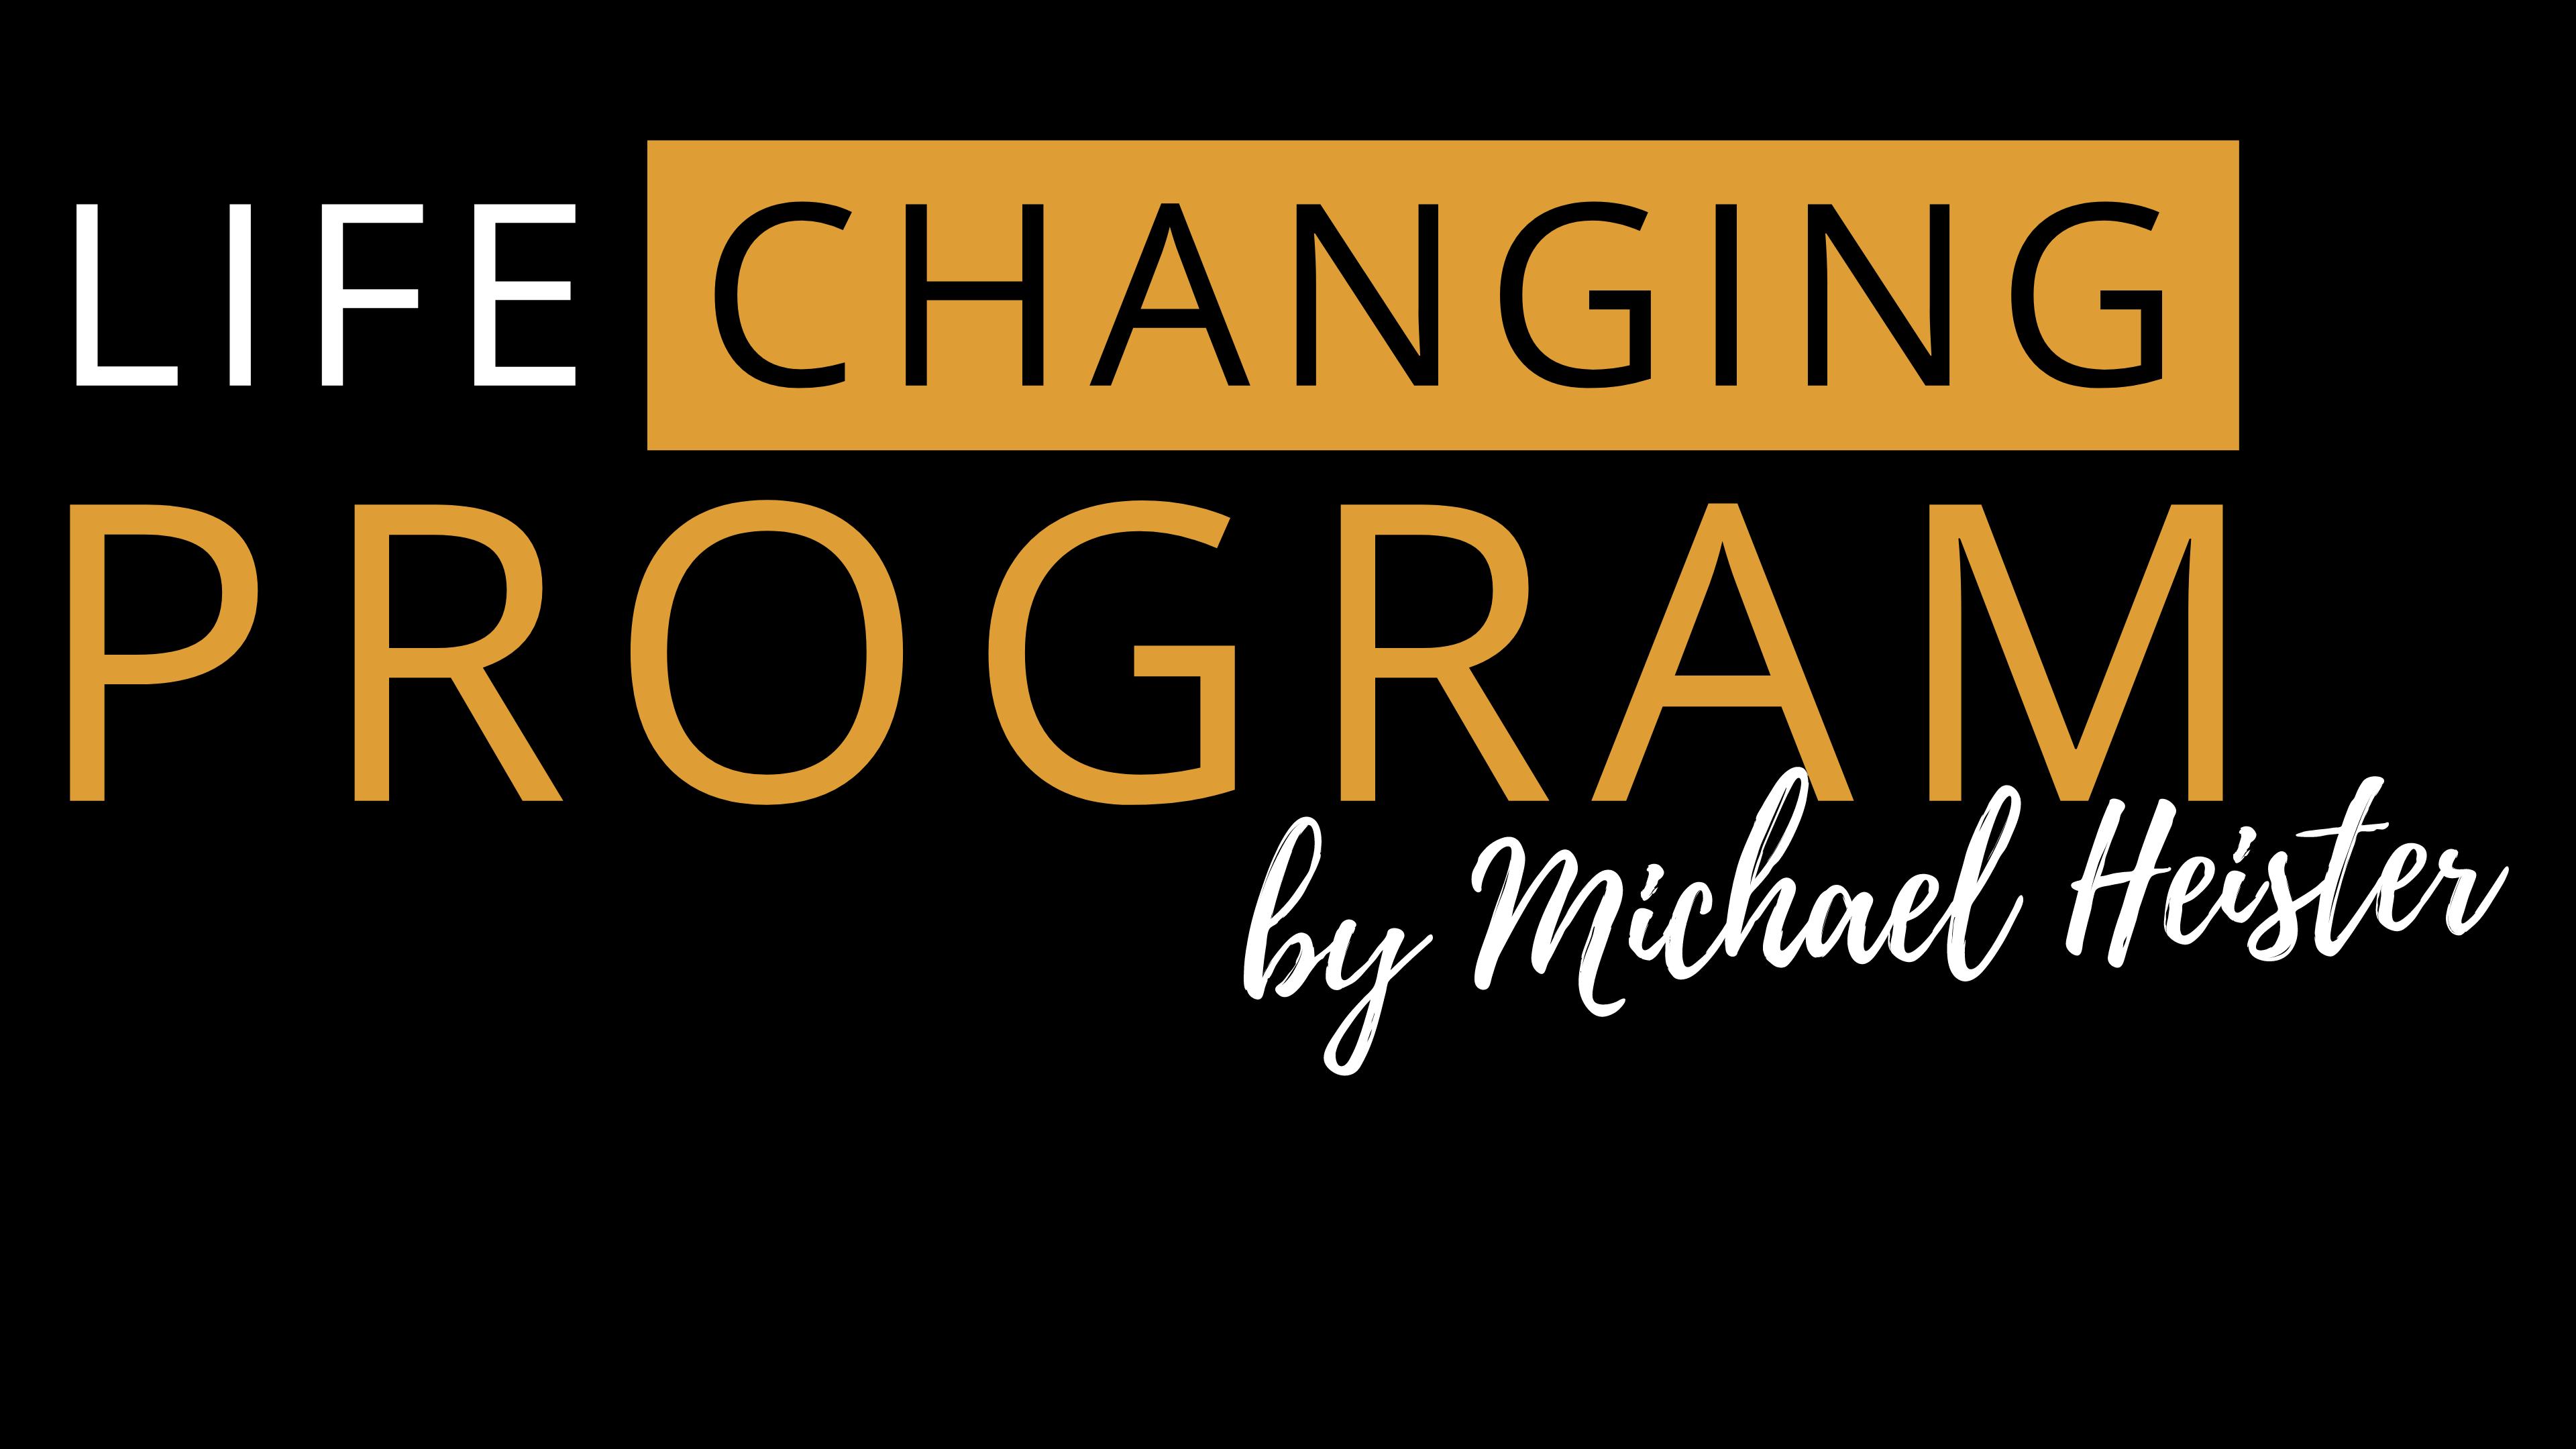 Life Changing Program Logo